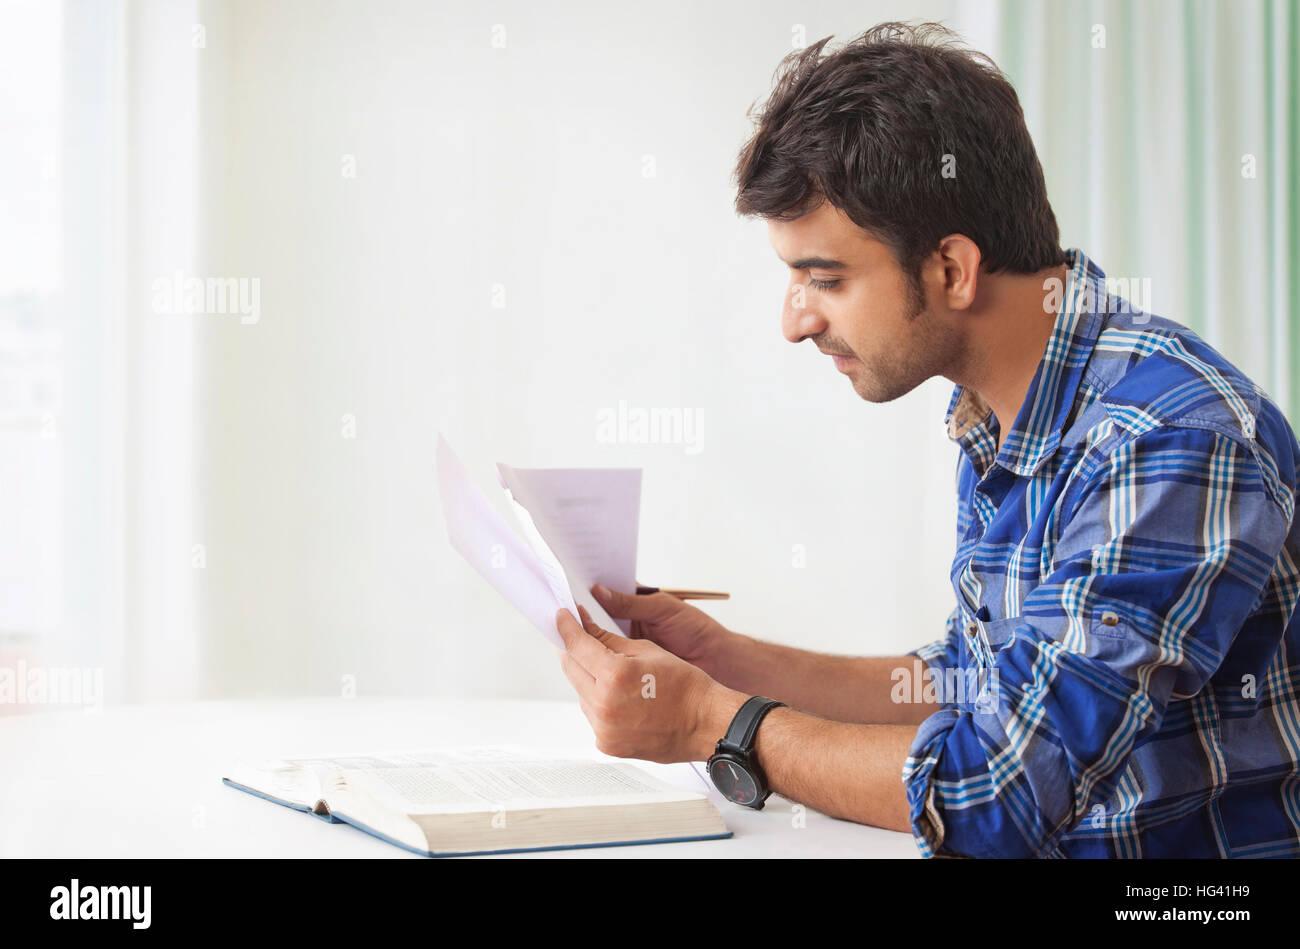 Junge Menschen studieren und sich Notizen Stockbild